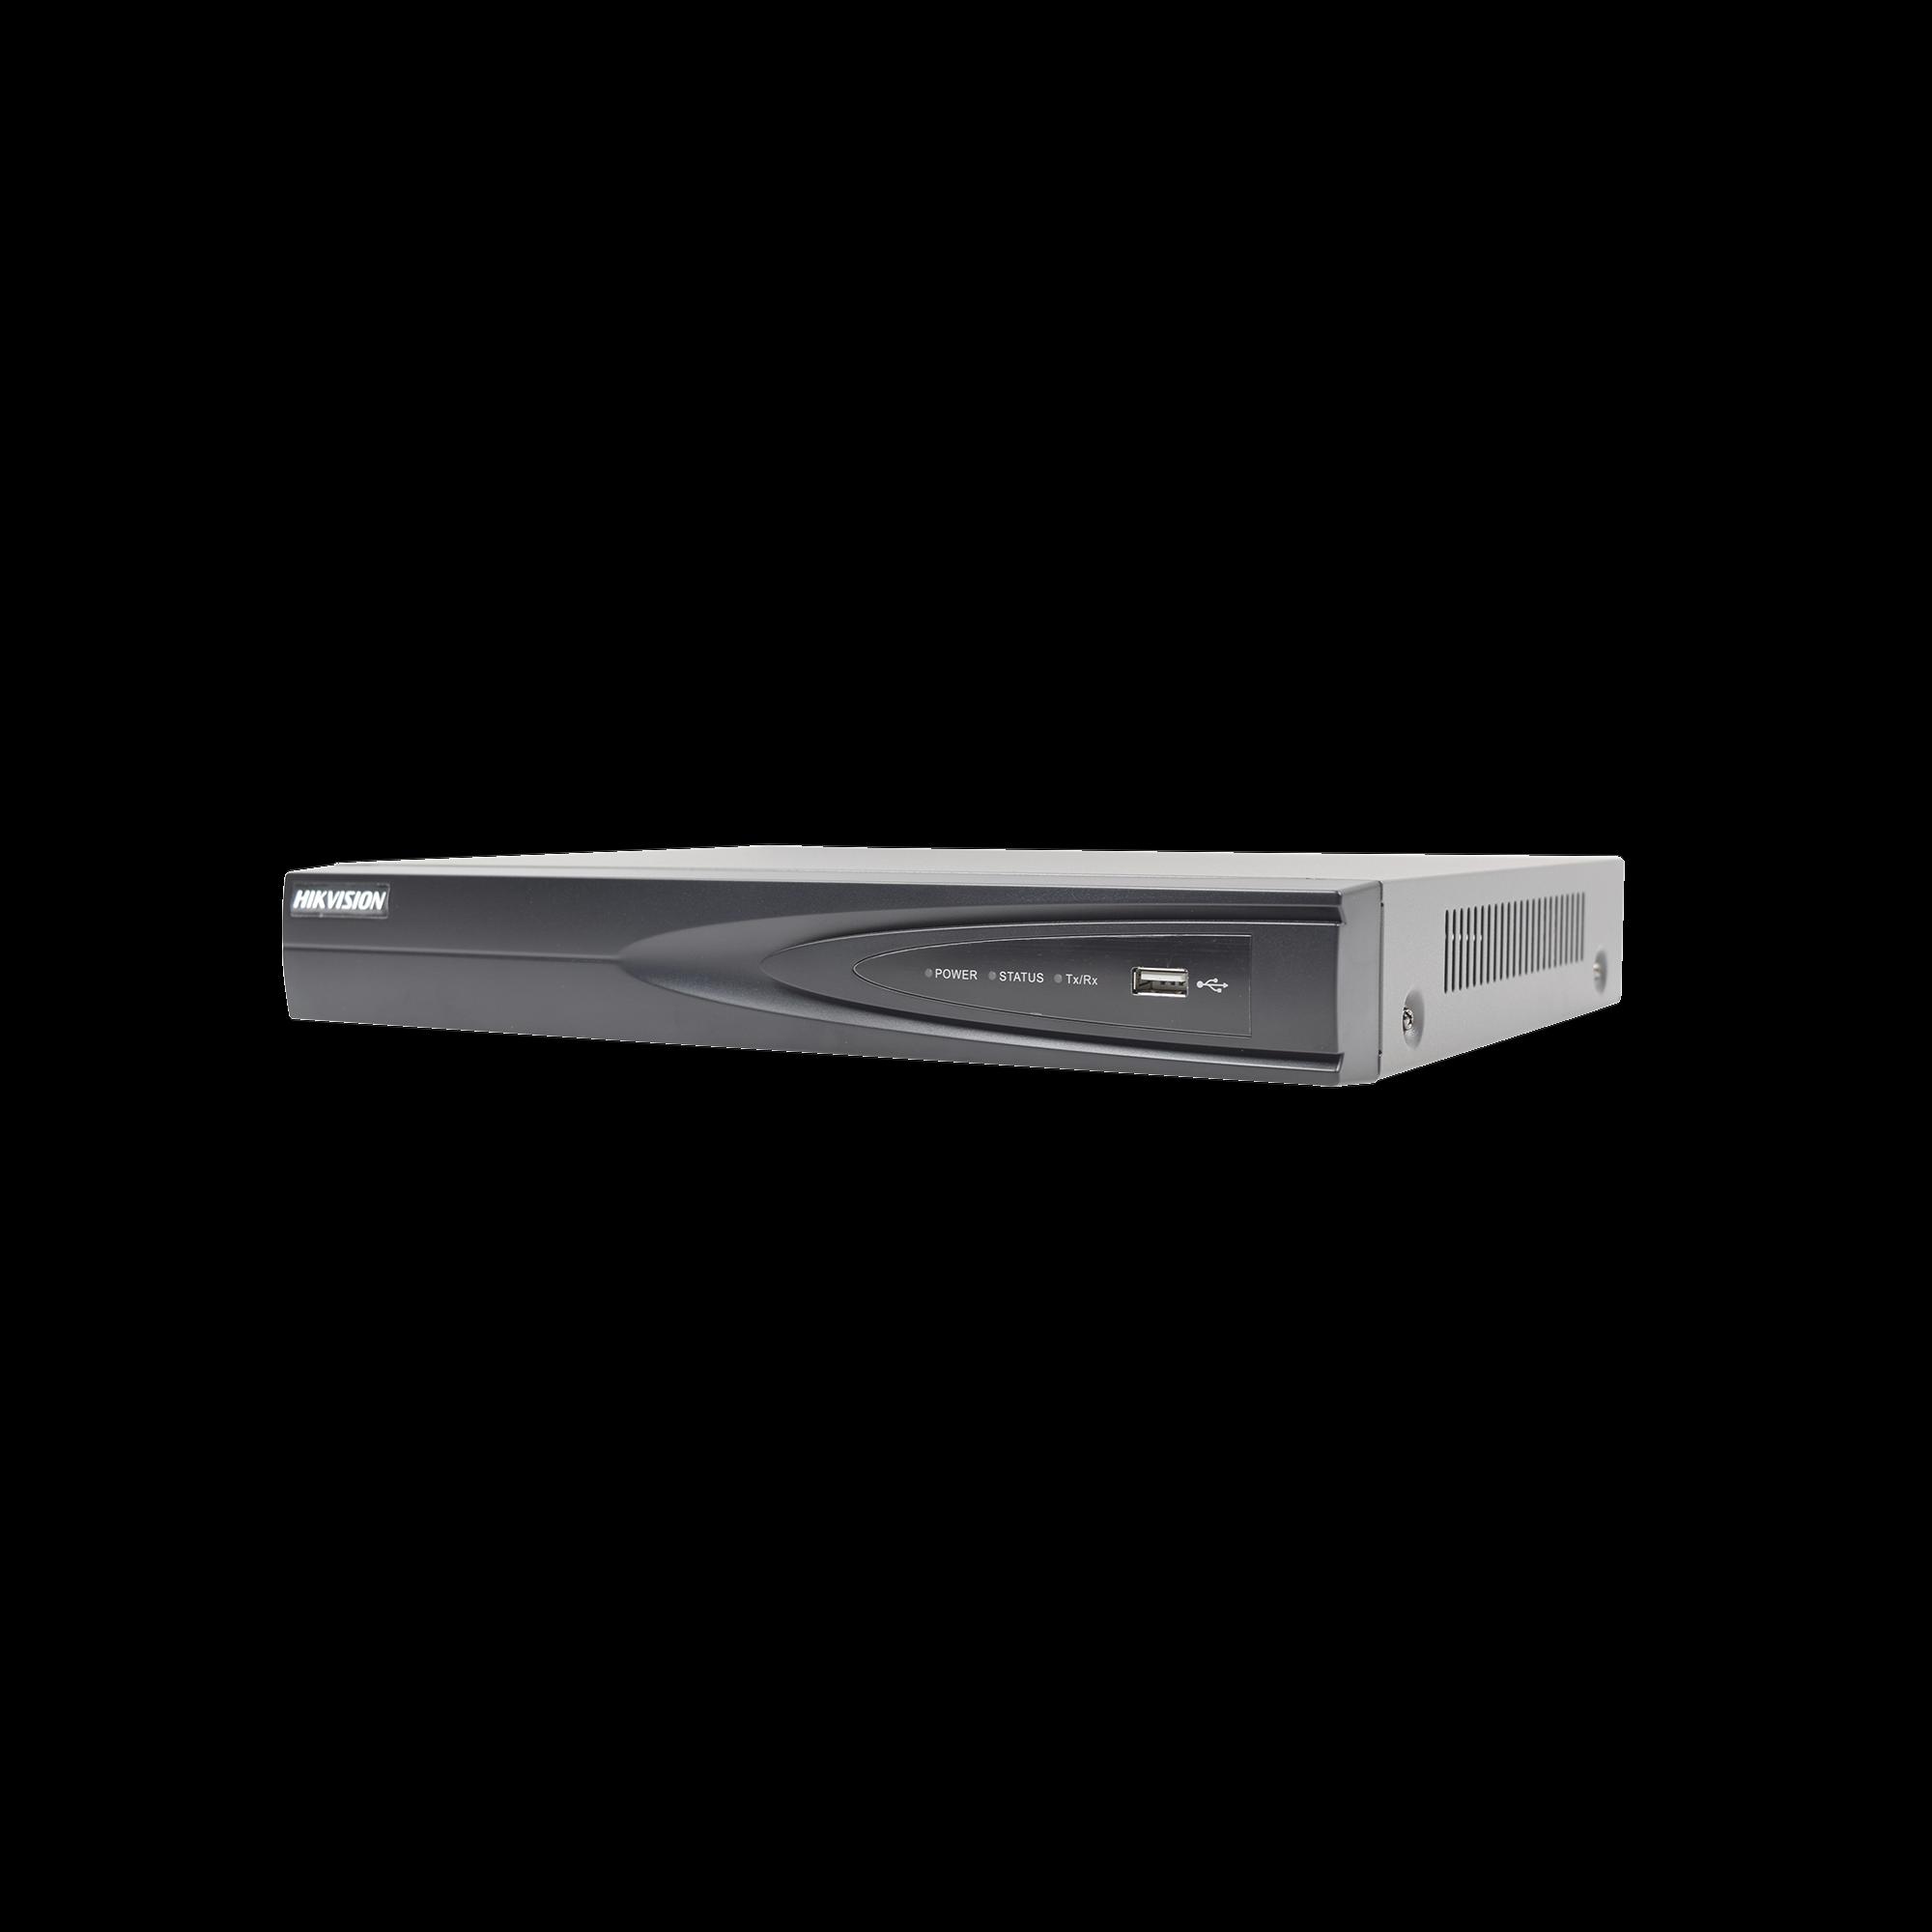 NVR 8 Megapixel (4K) / 4 canales IP / 1 Bahía de Disco Duro / 4 Puertos PoE+ / Salida de vídeo 4K / Videoanaliticos